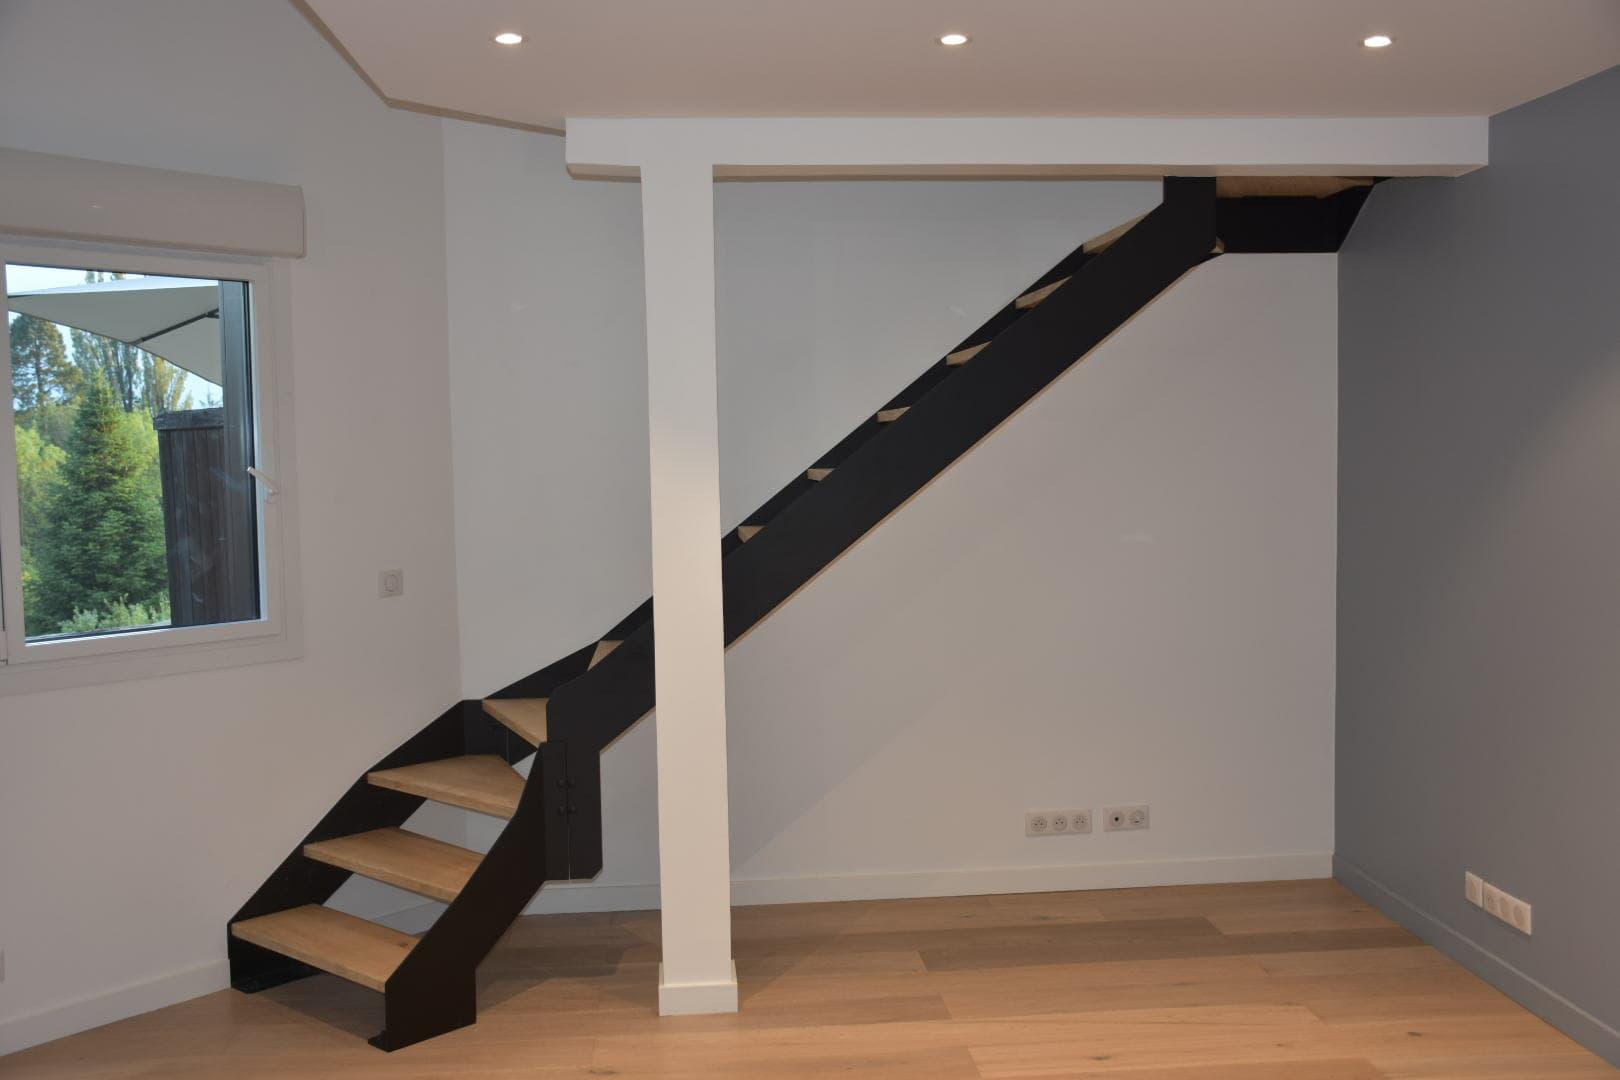 Escalier acier bois double quart tournant ROBI Annecy (74)4